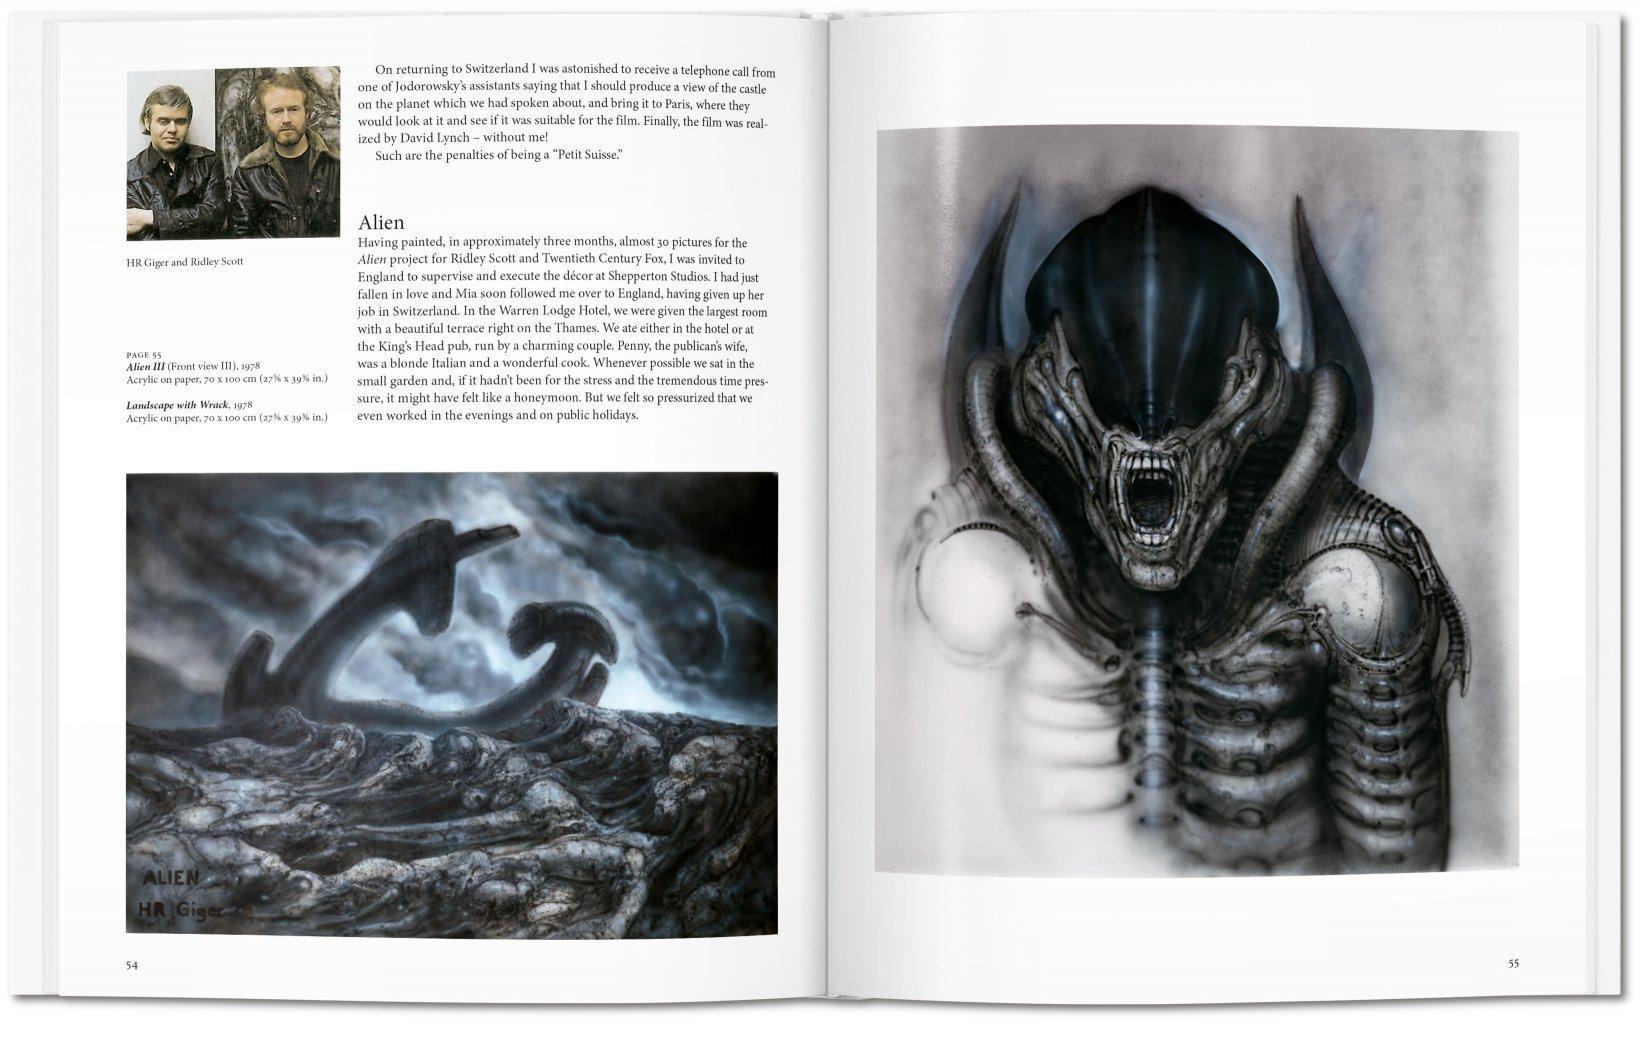 Liver HR Giger Editions Taschen, Alien